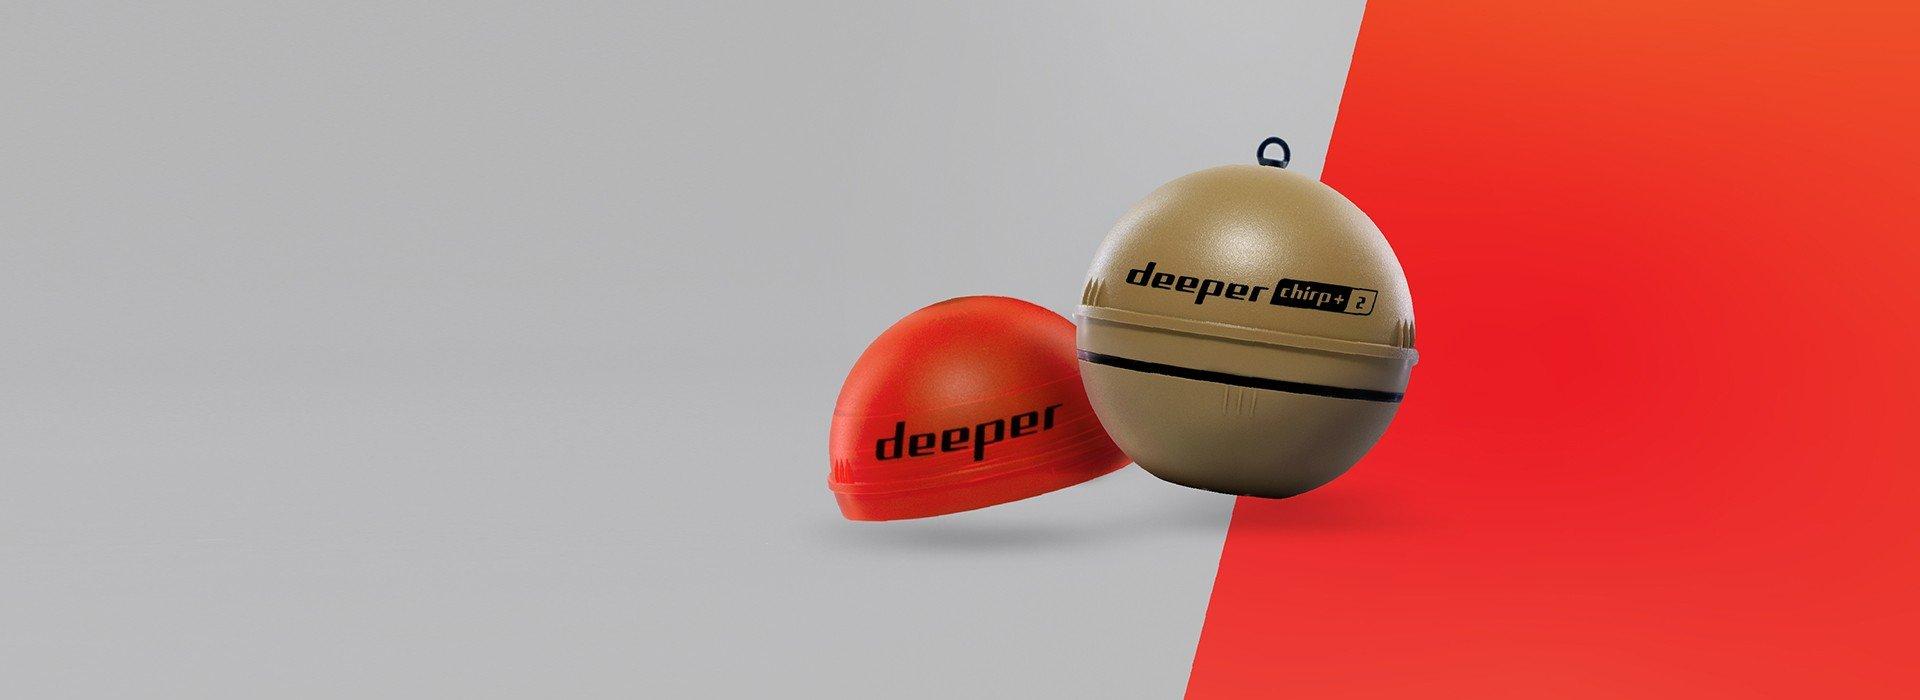 Hier der neue Deeper CHIRP+2!Das leistungsstärkste Sonar, das es je gab.